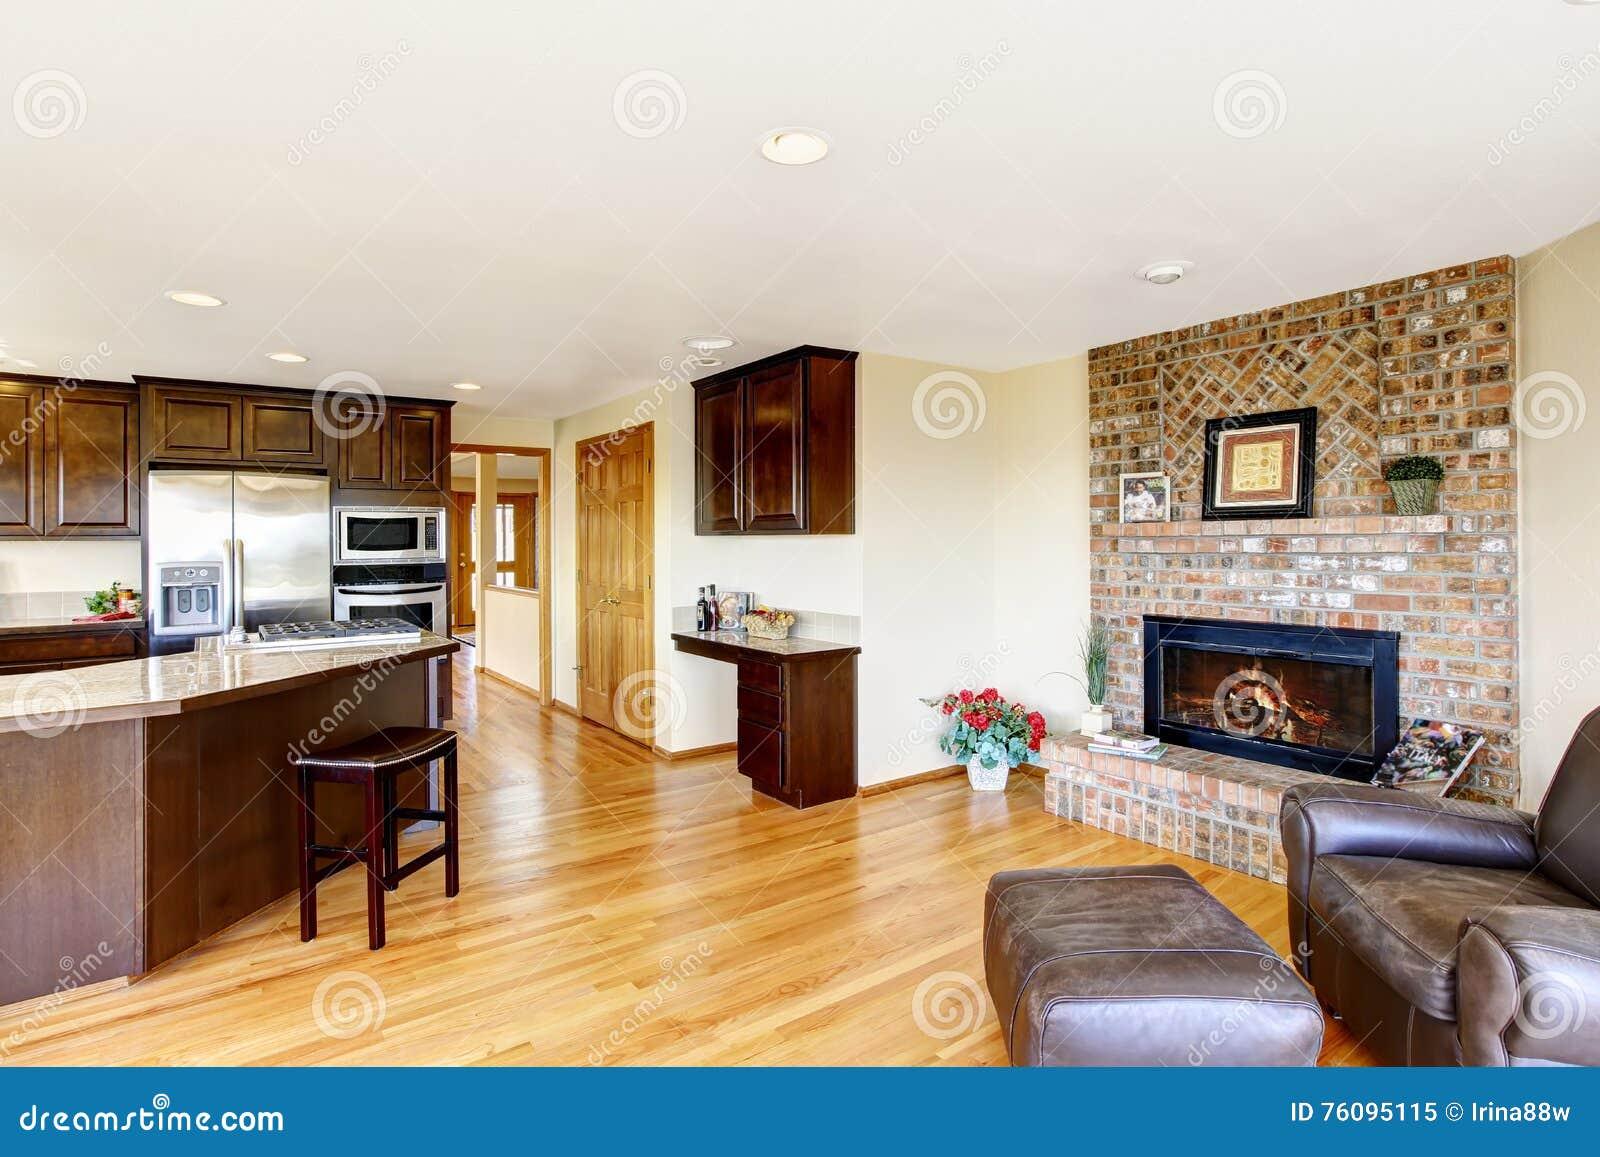 stock photo image northwest patio fireplace boasts stone of covered royalty gorgeous outside free usa